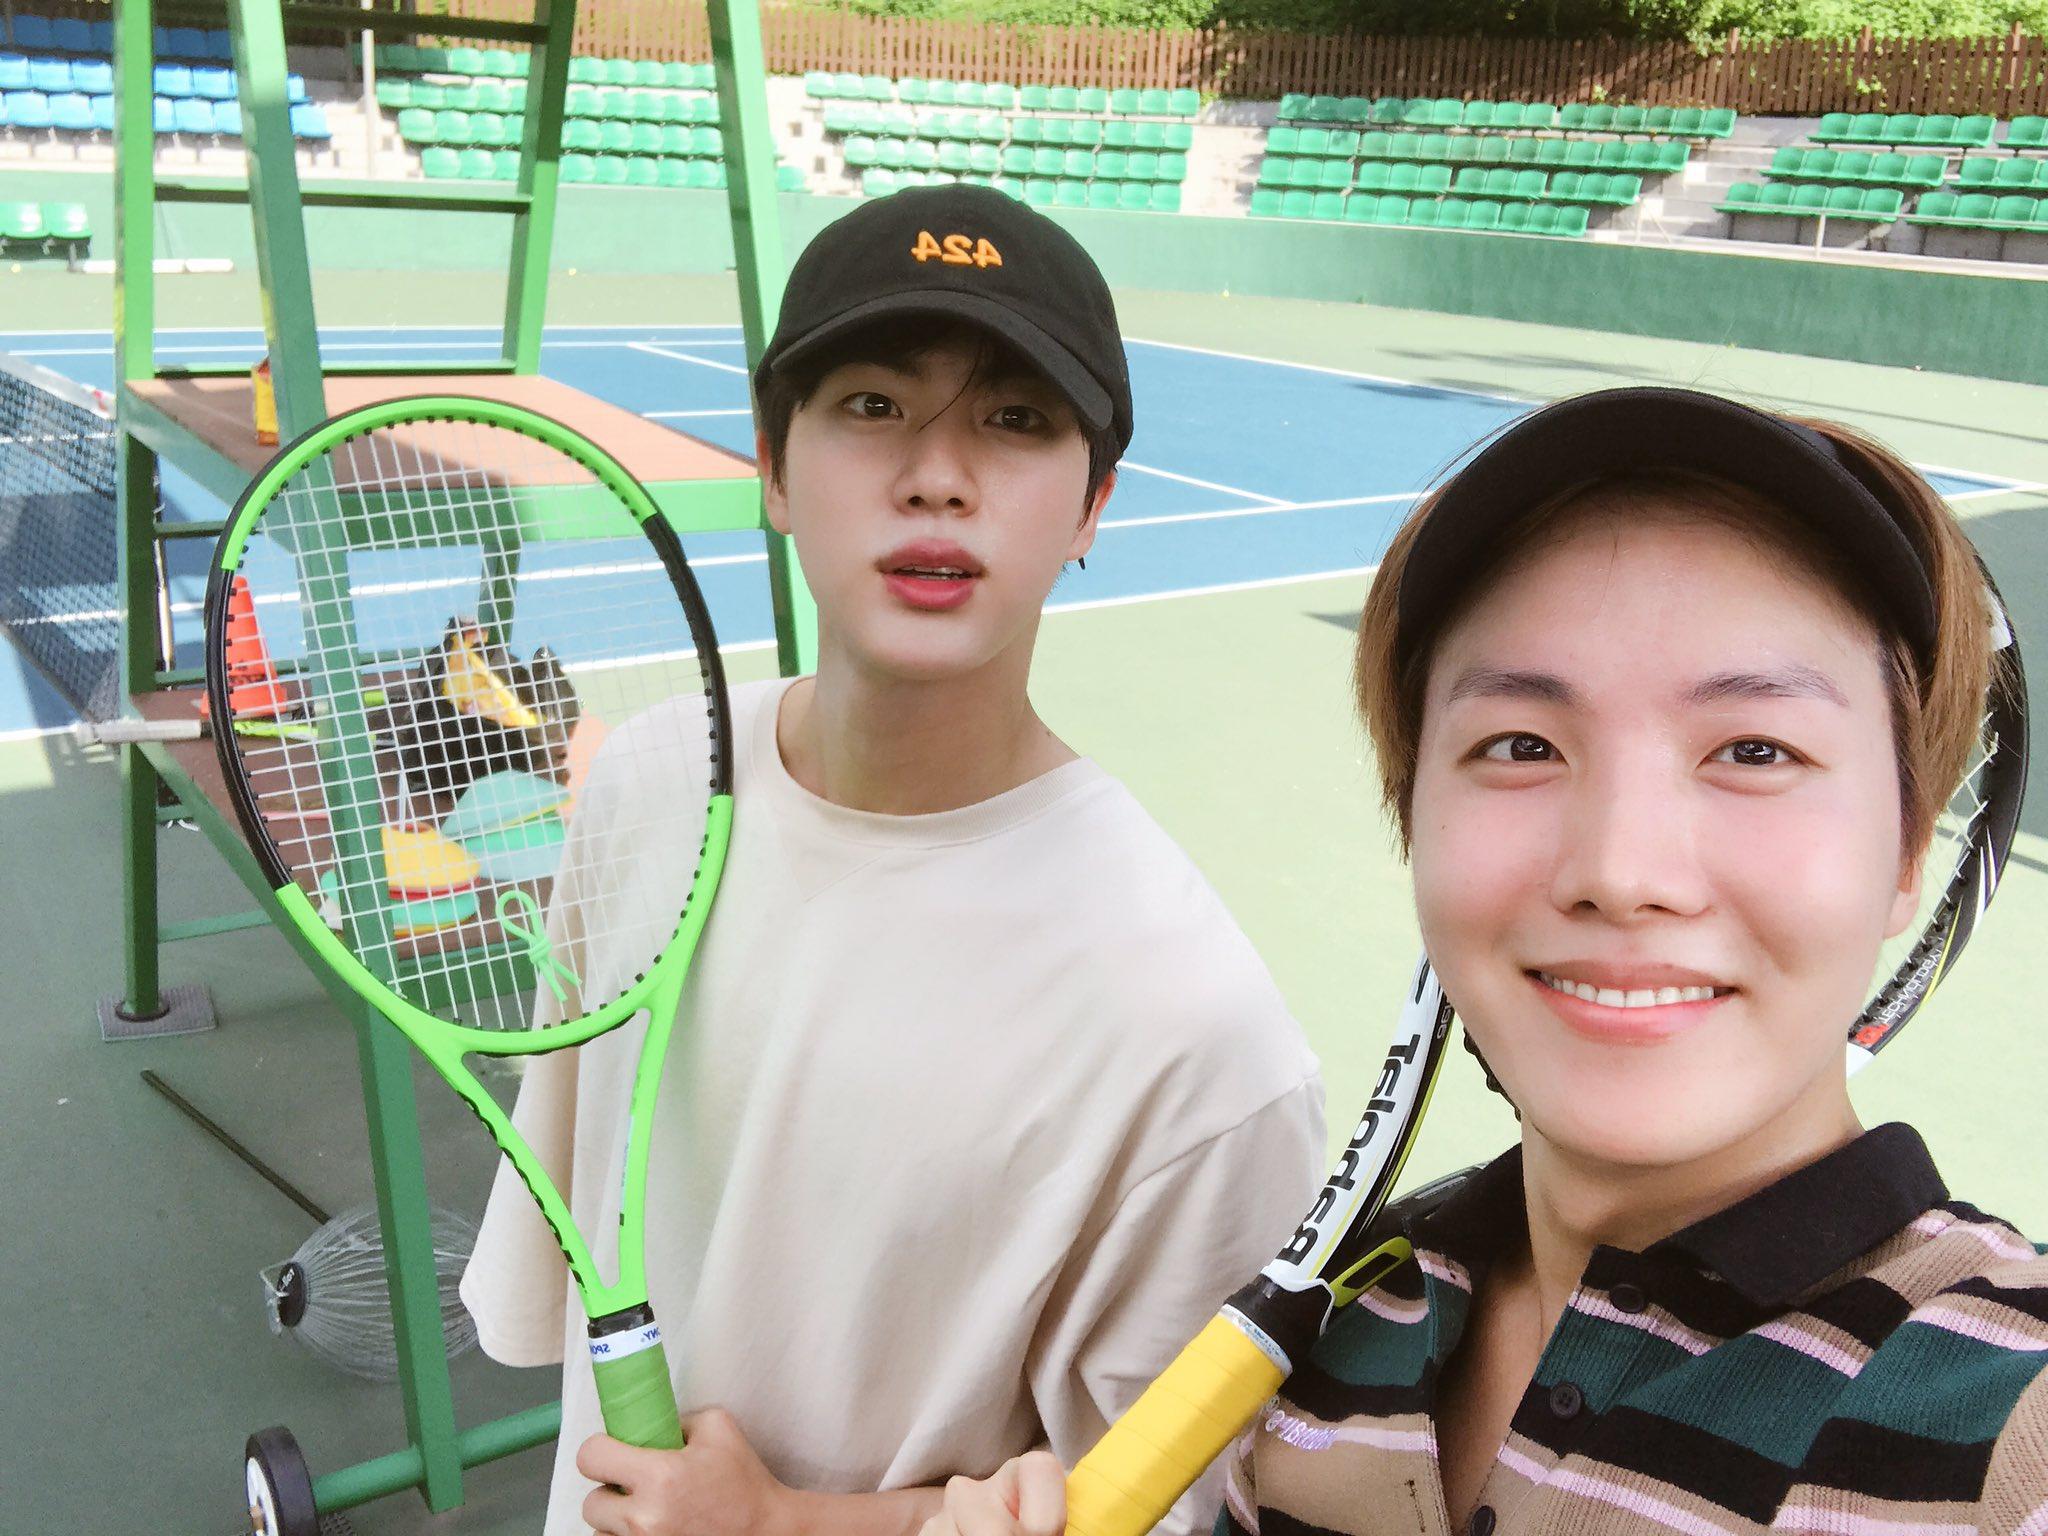 테니스 다시 시작 !!!  #투데이홉진  #테니스왕자들 https://t.co/eAH2AAA8kf